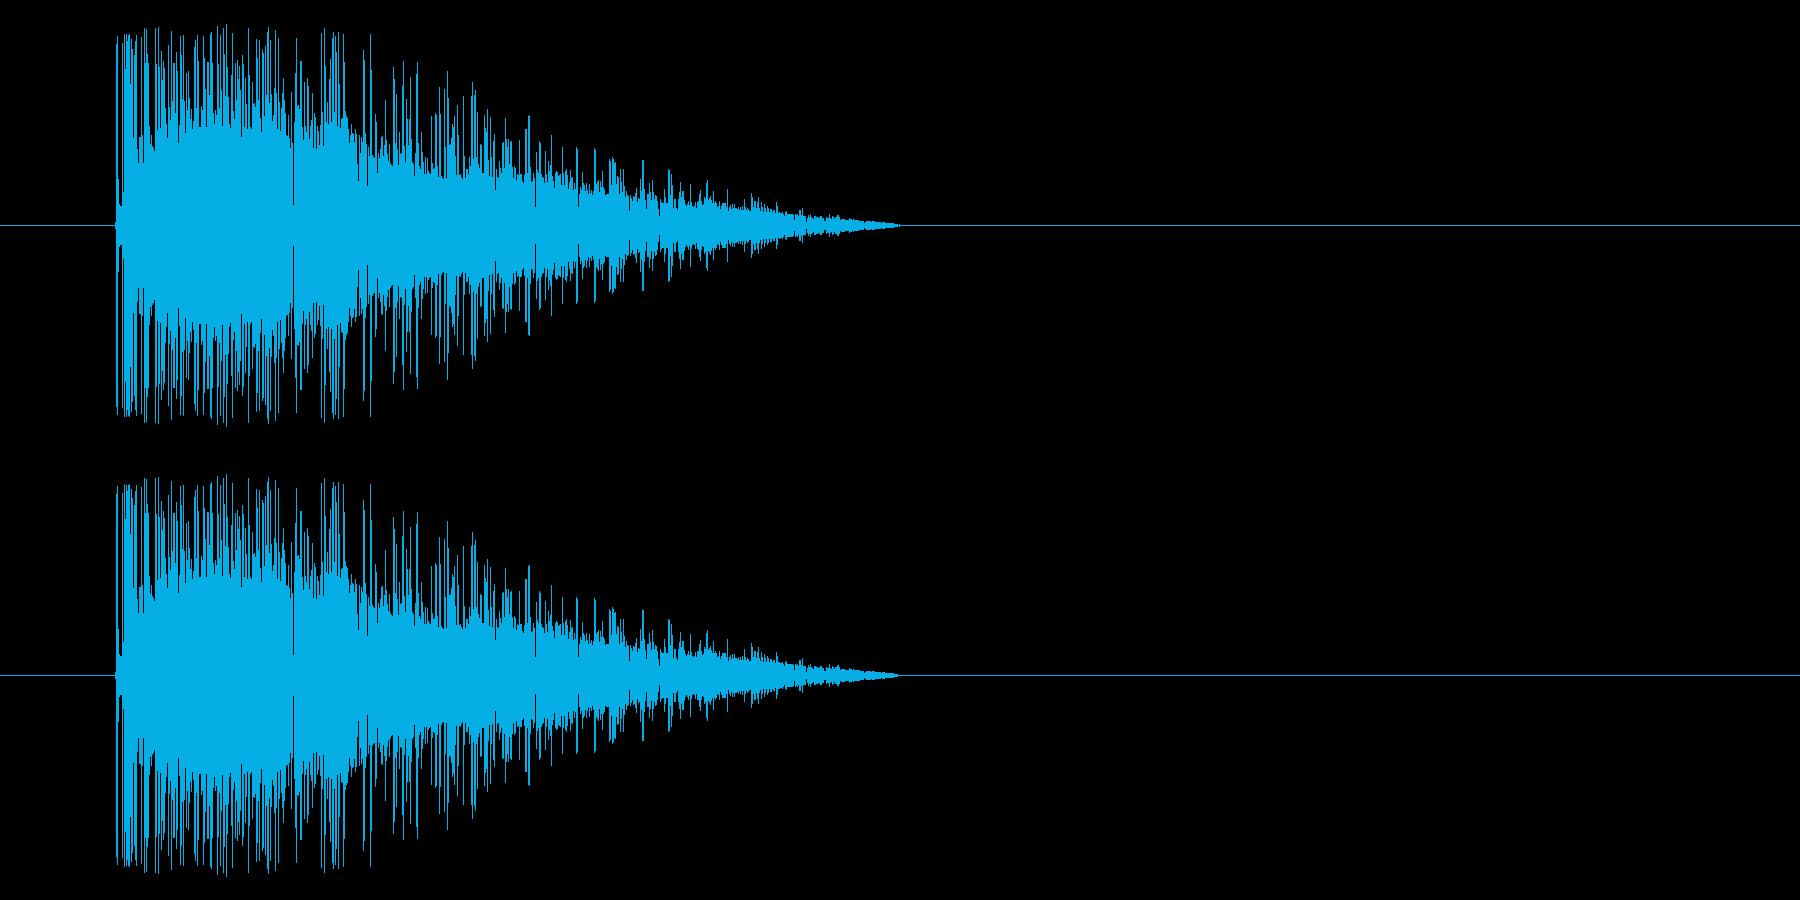 【アーケード 汎用01-18(ノイズ)】の再生済みの波形